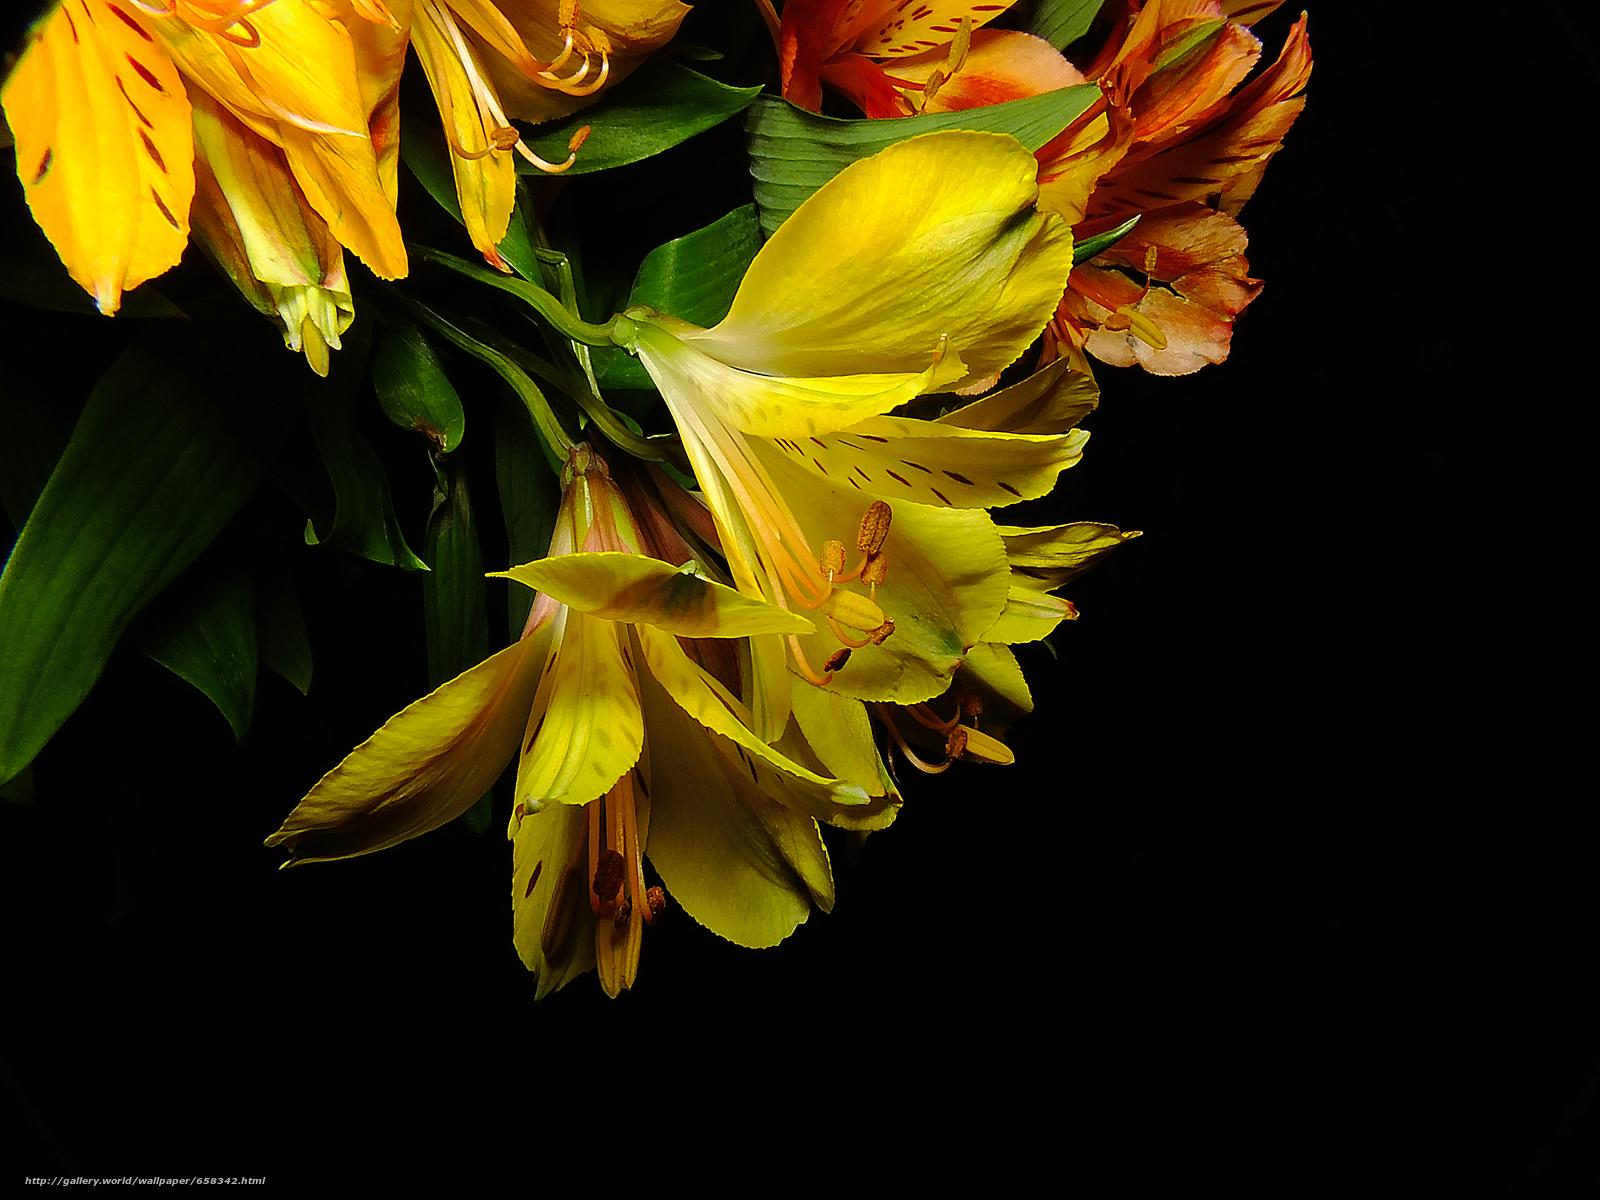 Скачать обои цветок,  цветы,  флора,  лилии бесплатно для рабочего стола в разрешении 4608x3456 — картинка №658342